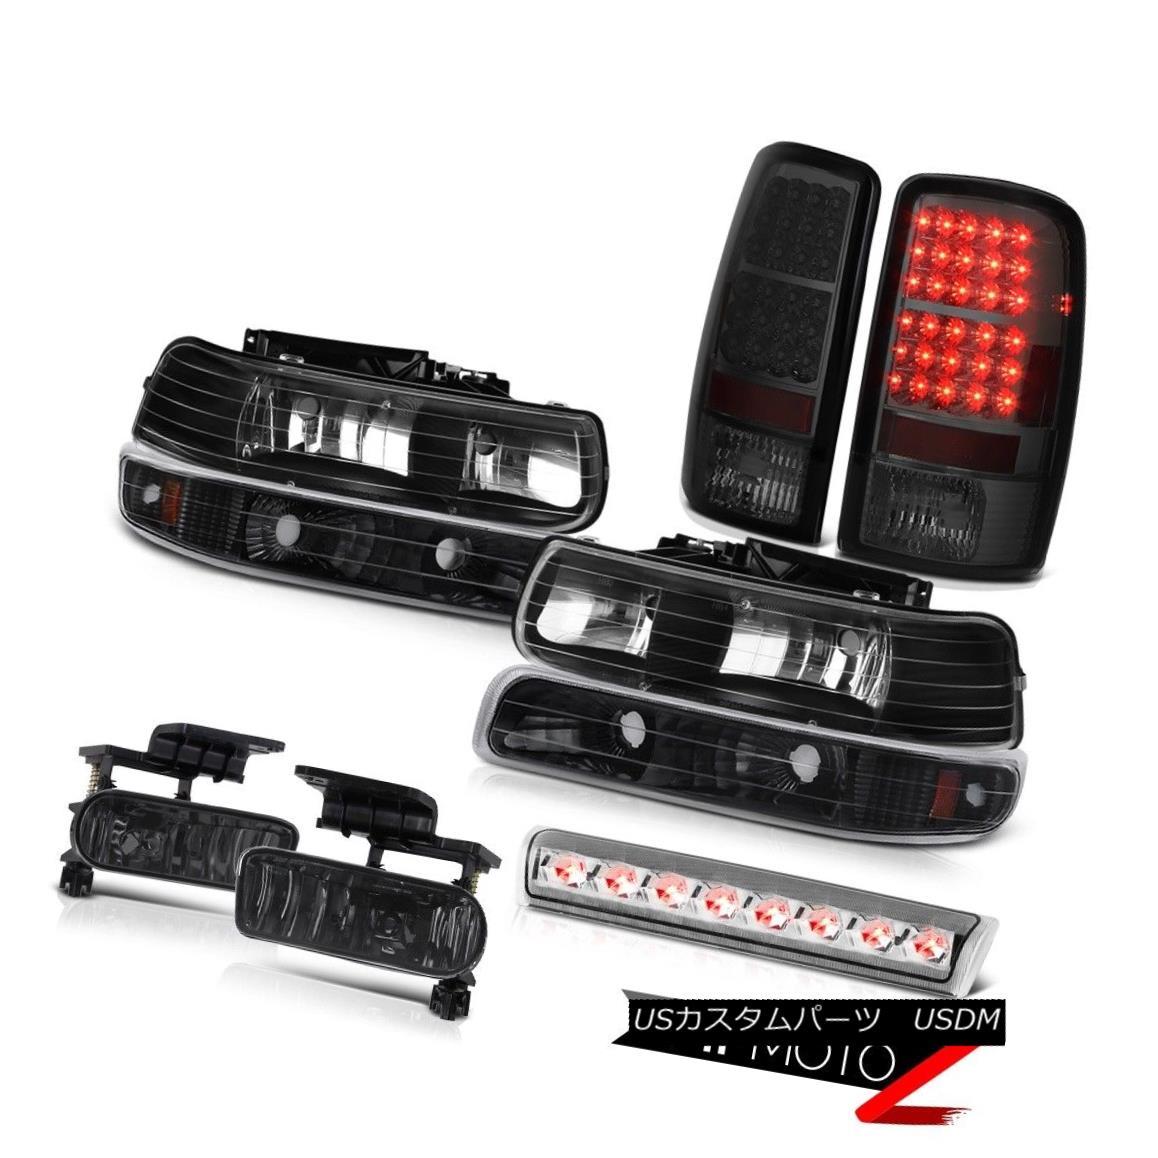 テールライト 2000-2006 Suburban 2500 4X4 Headlamps rear brake lamps fog chrome roof cab Light 2000-2006郊外2500 4X4ヘッドライトリアブレーキランプフォグクロムルーフキャブライト